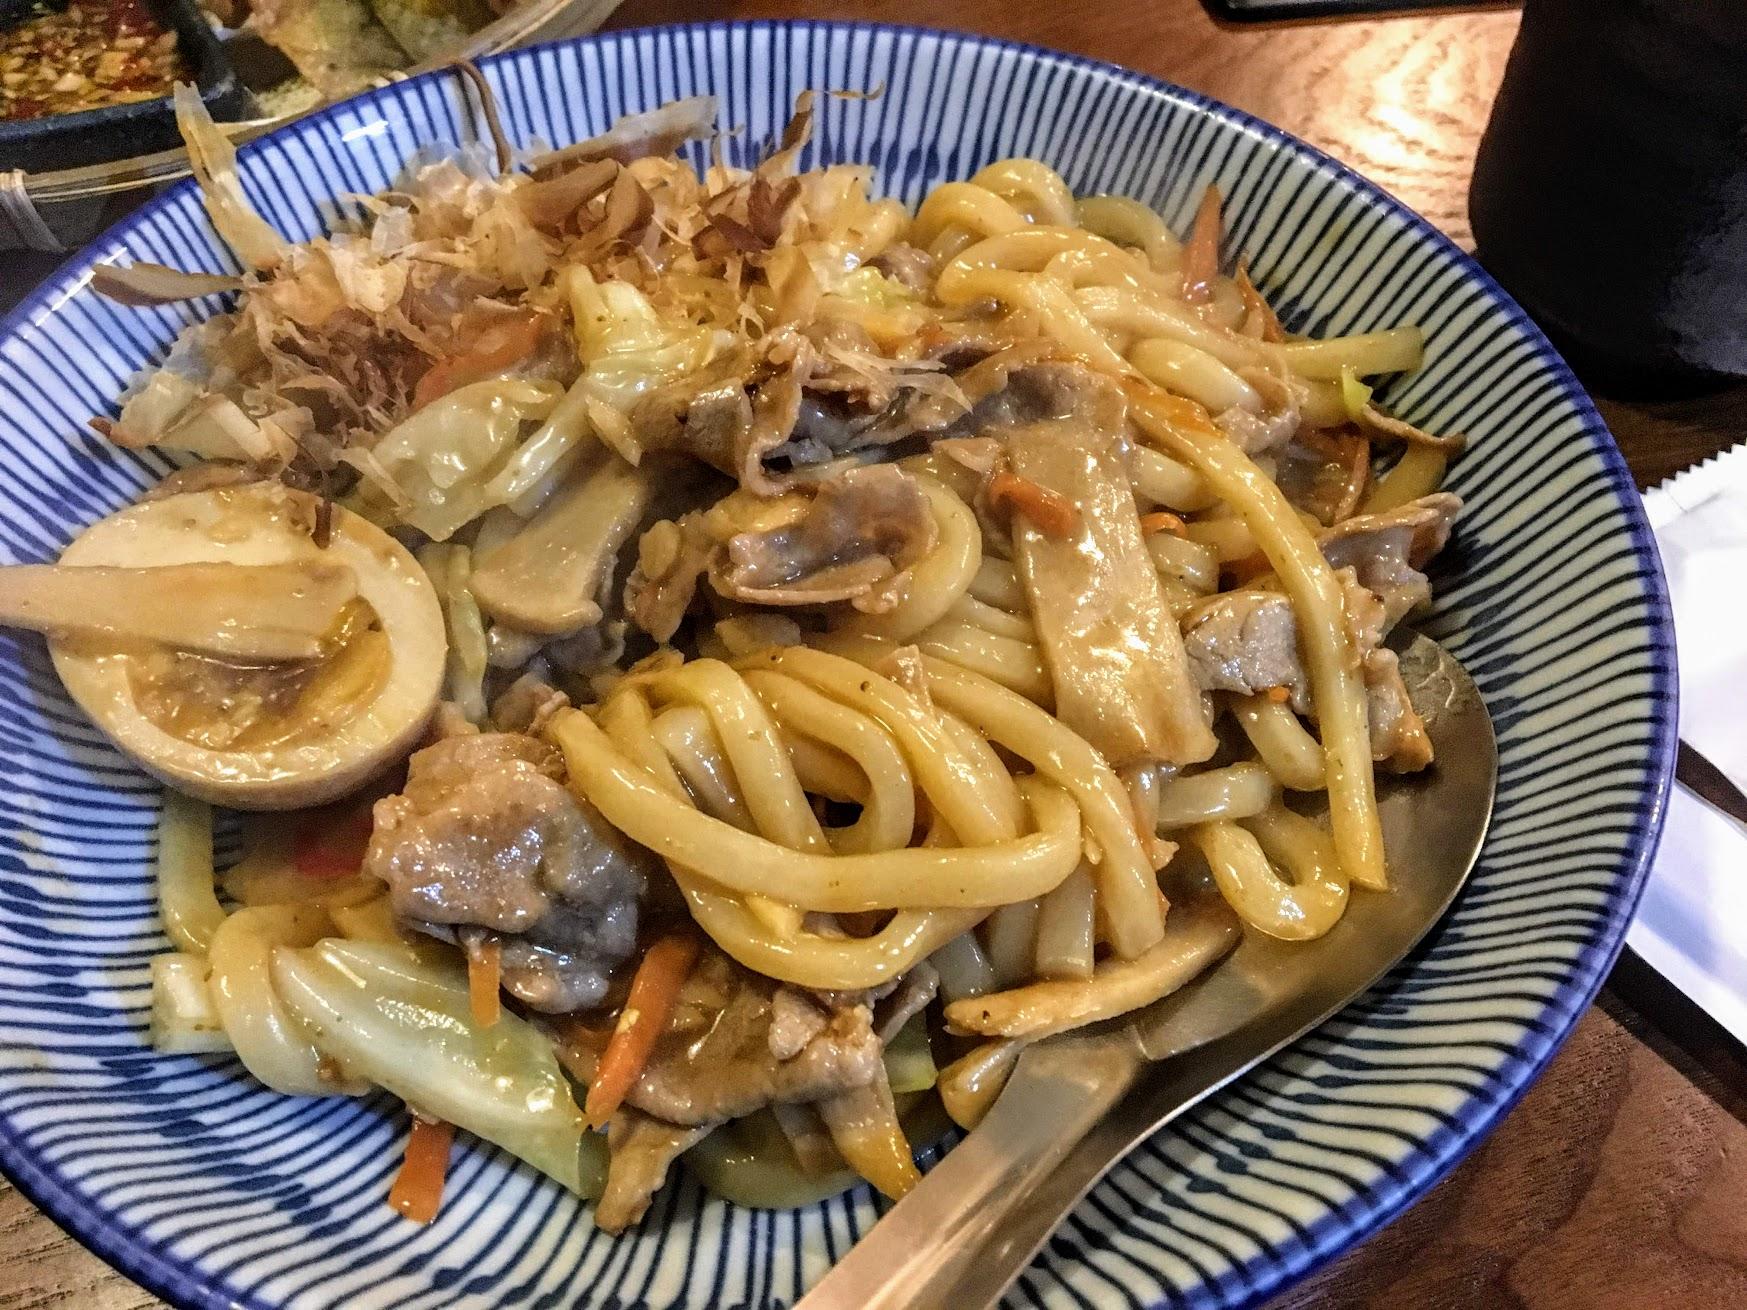 和風讚岐炒烏龍麵,料給得很多,也頗好吃的